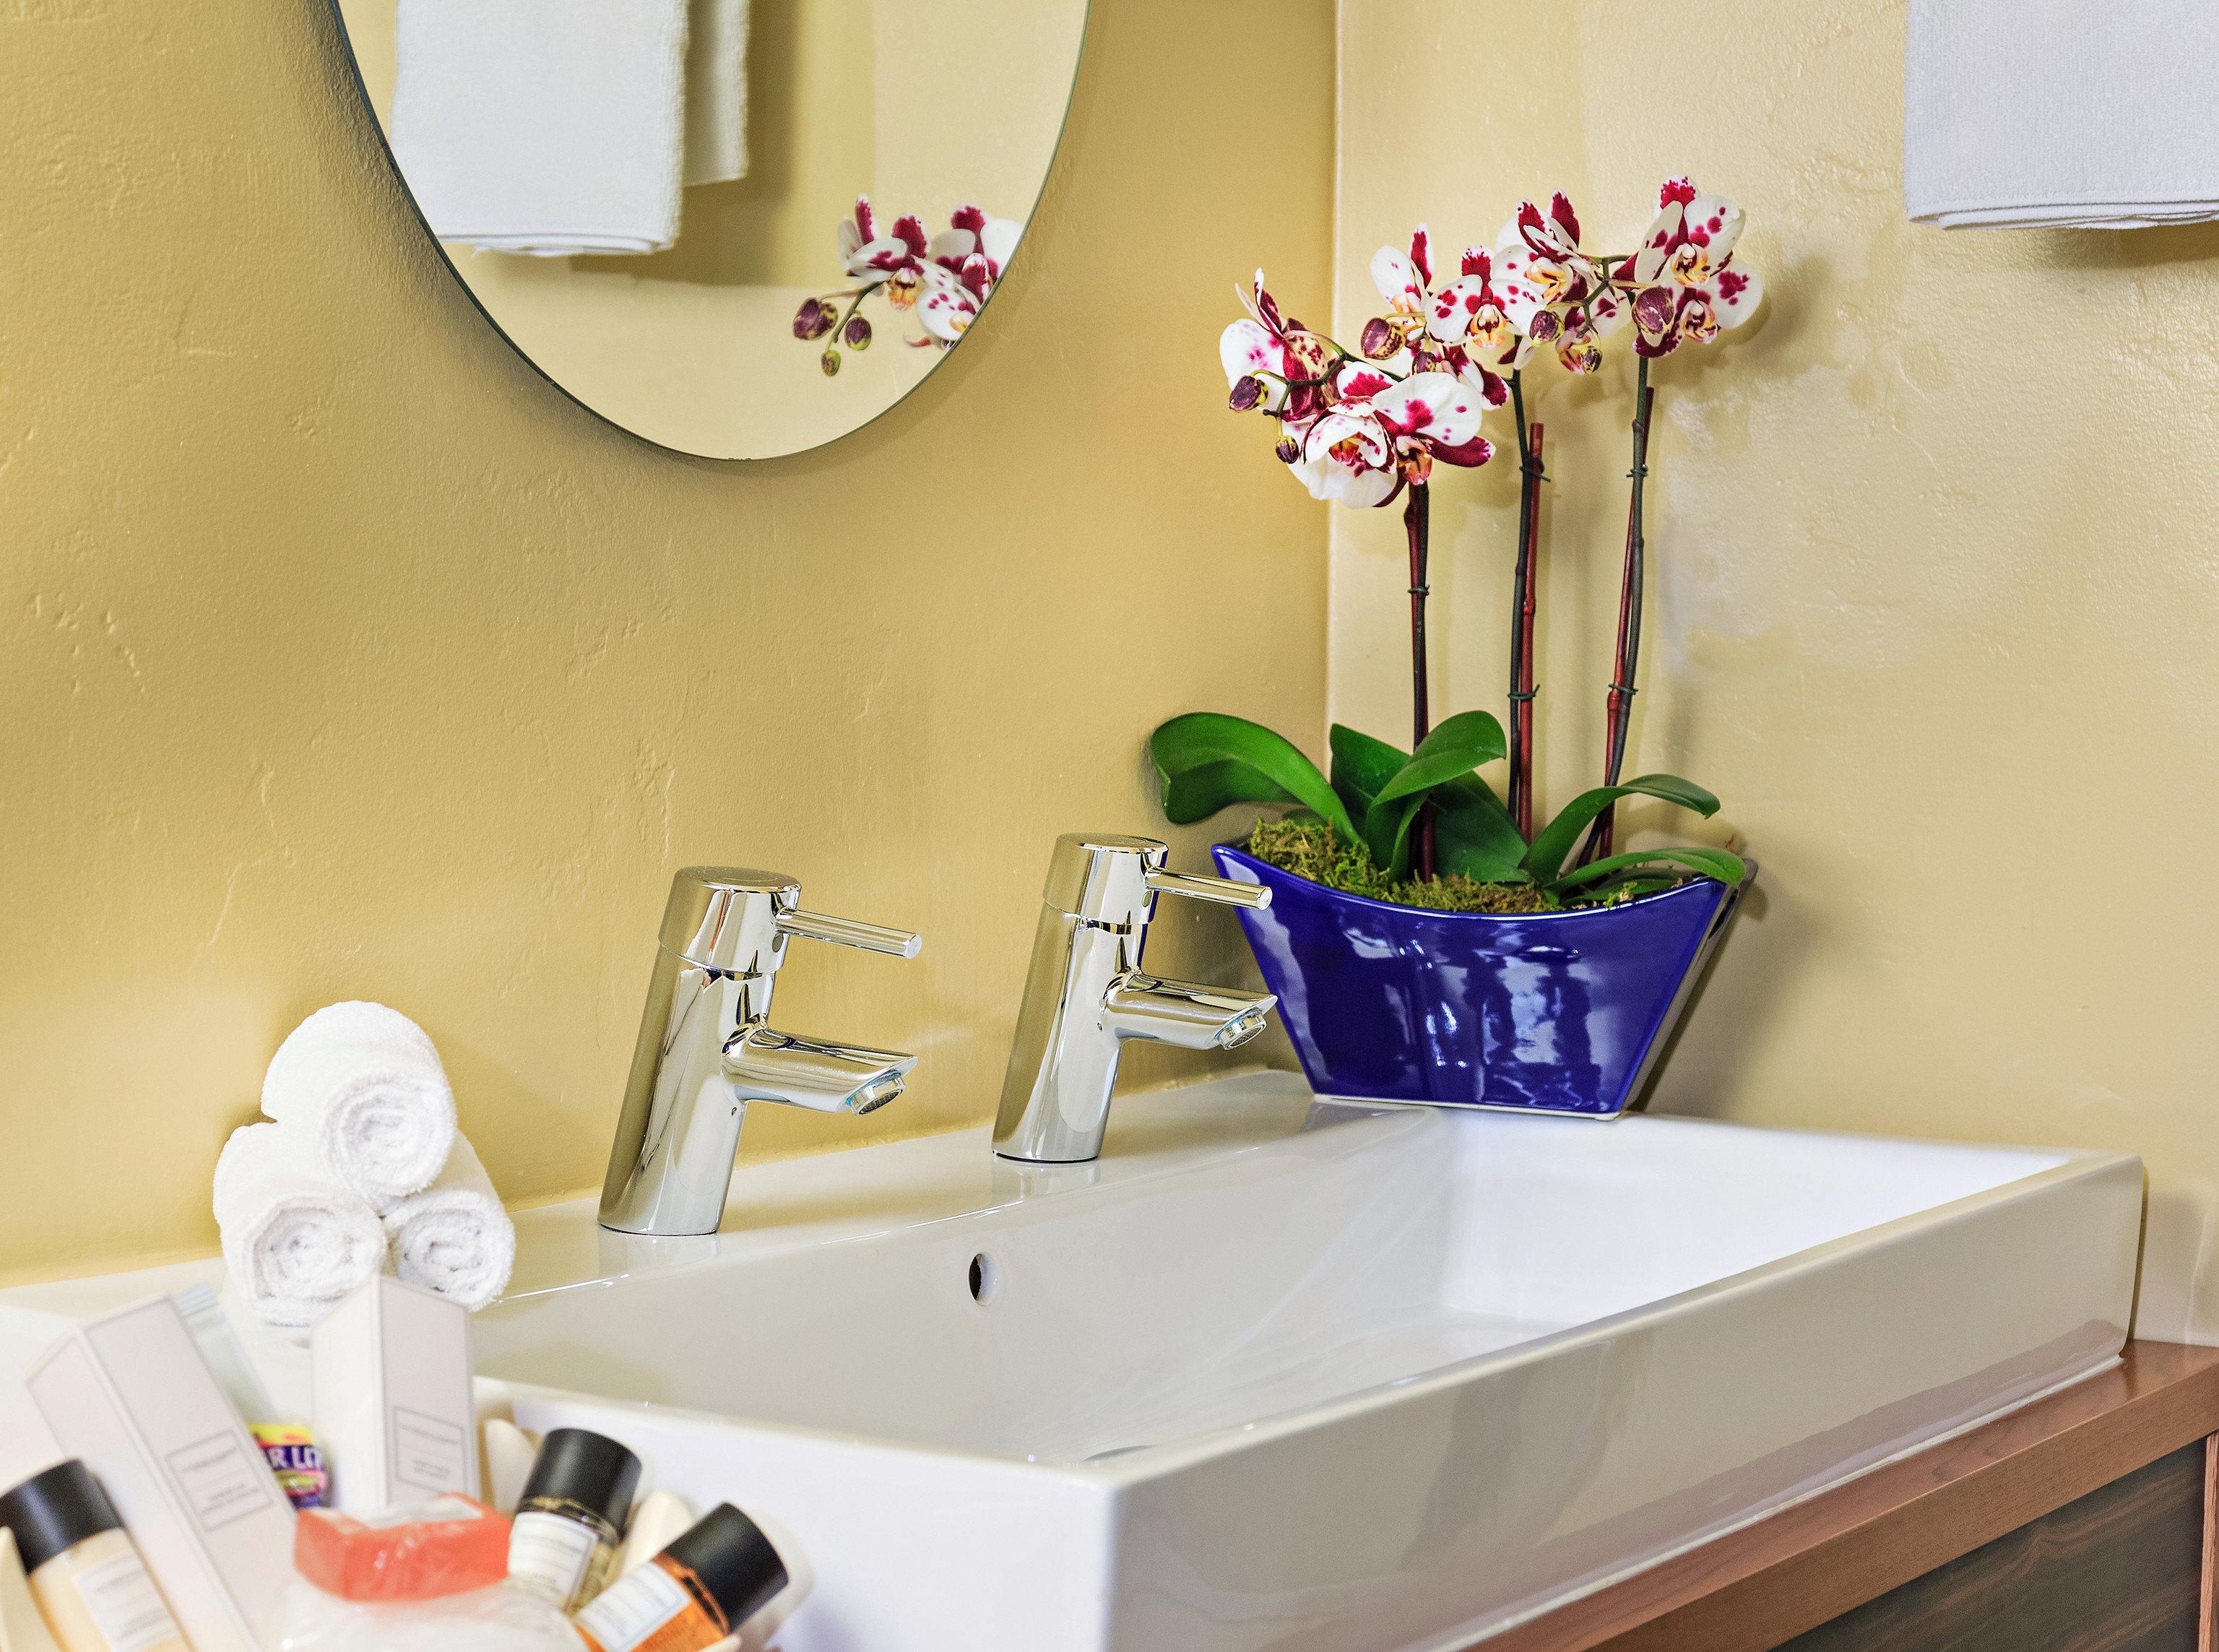 shelf sink counter living room bathroom ceramic